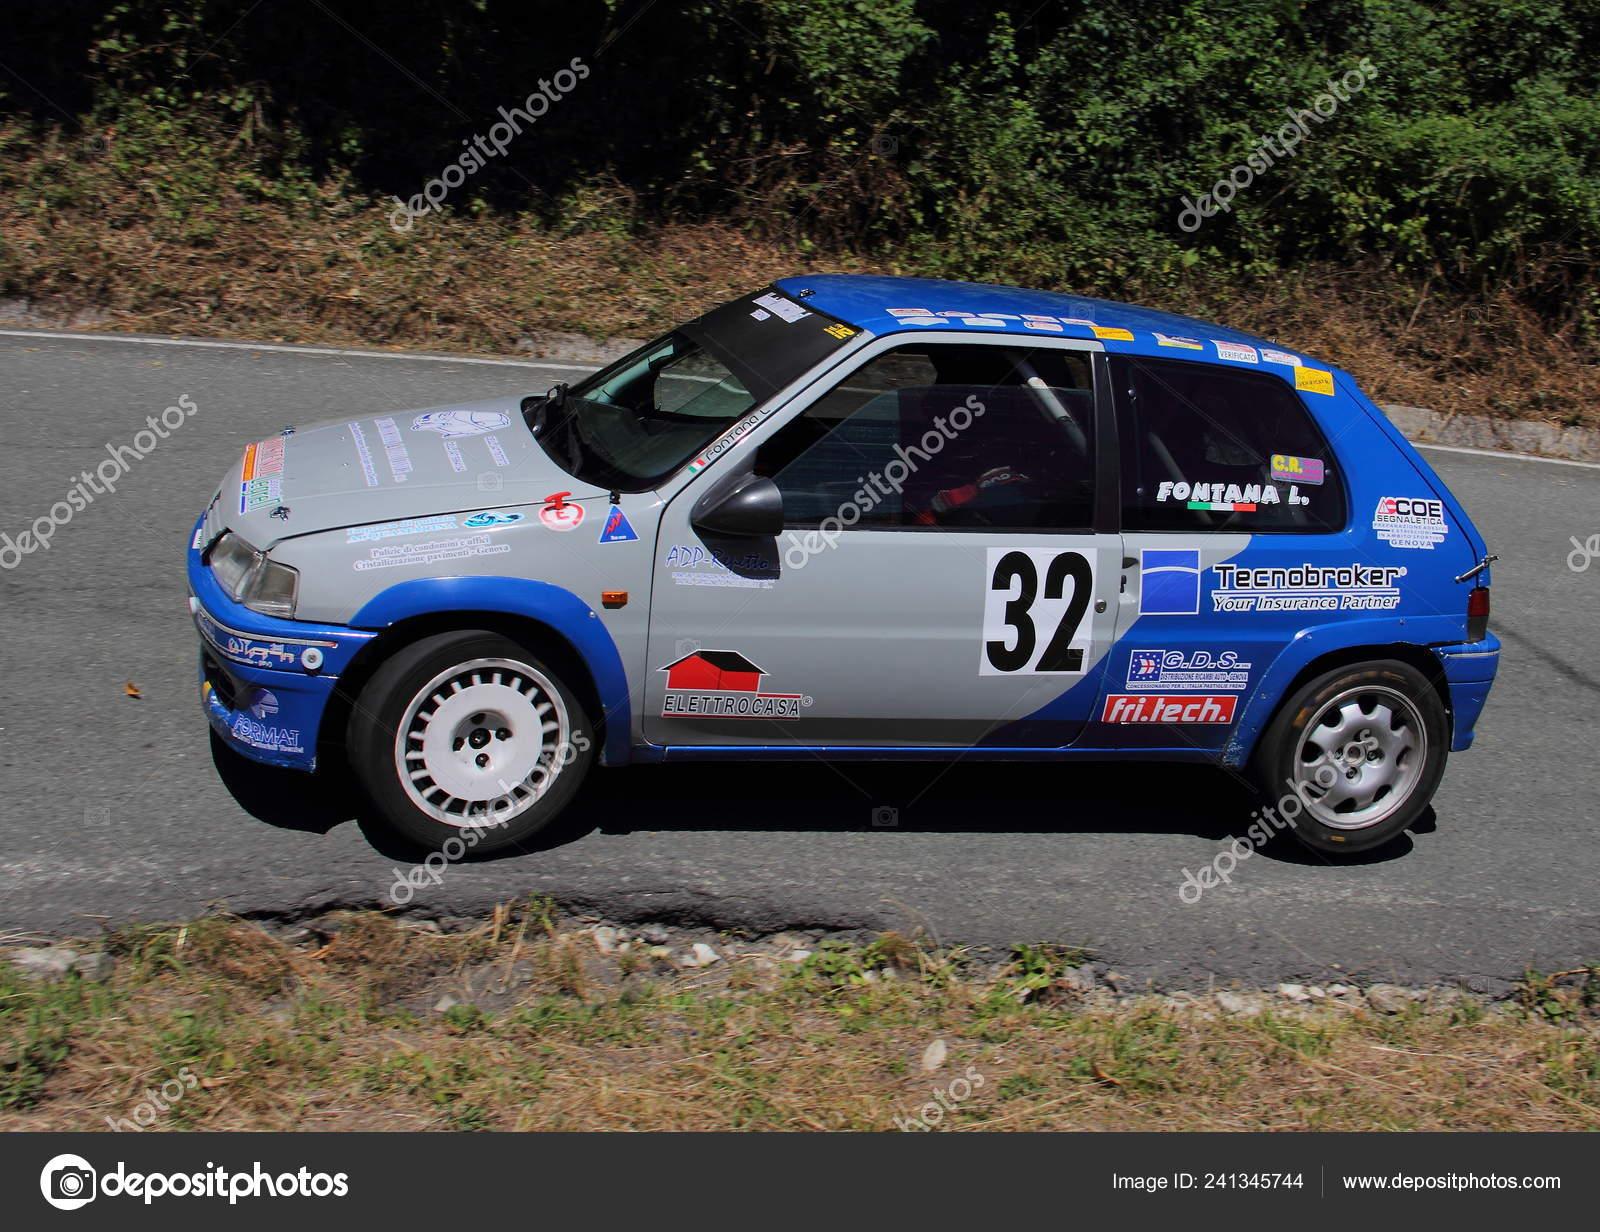 Fotos De Peugeot 106 Imagem Para Peugeot 106 Melhores Imagens Depositphotos